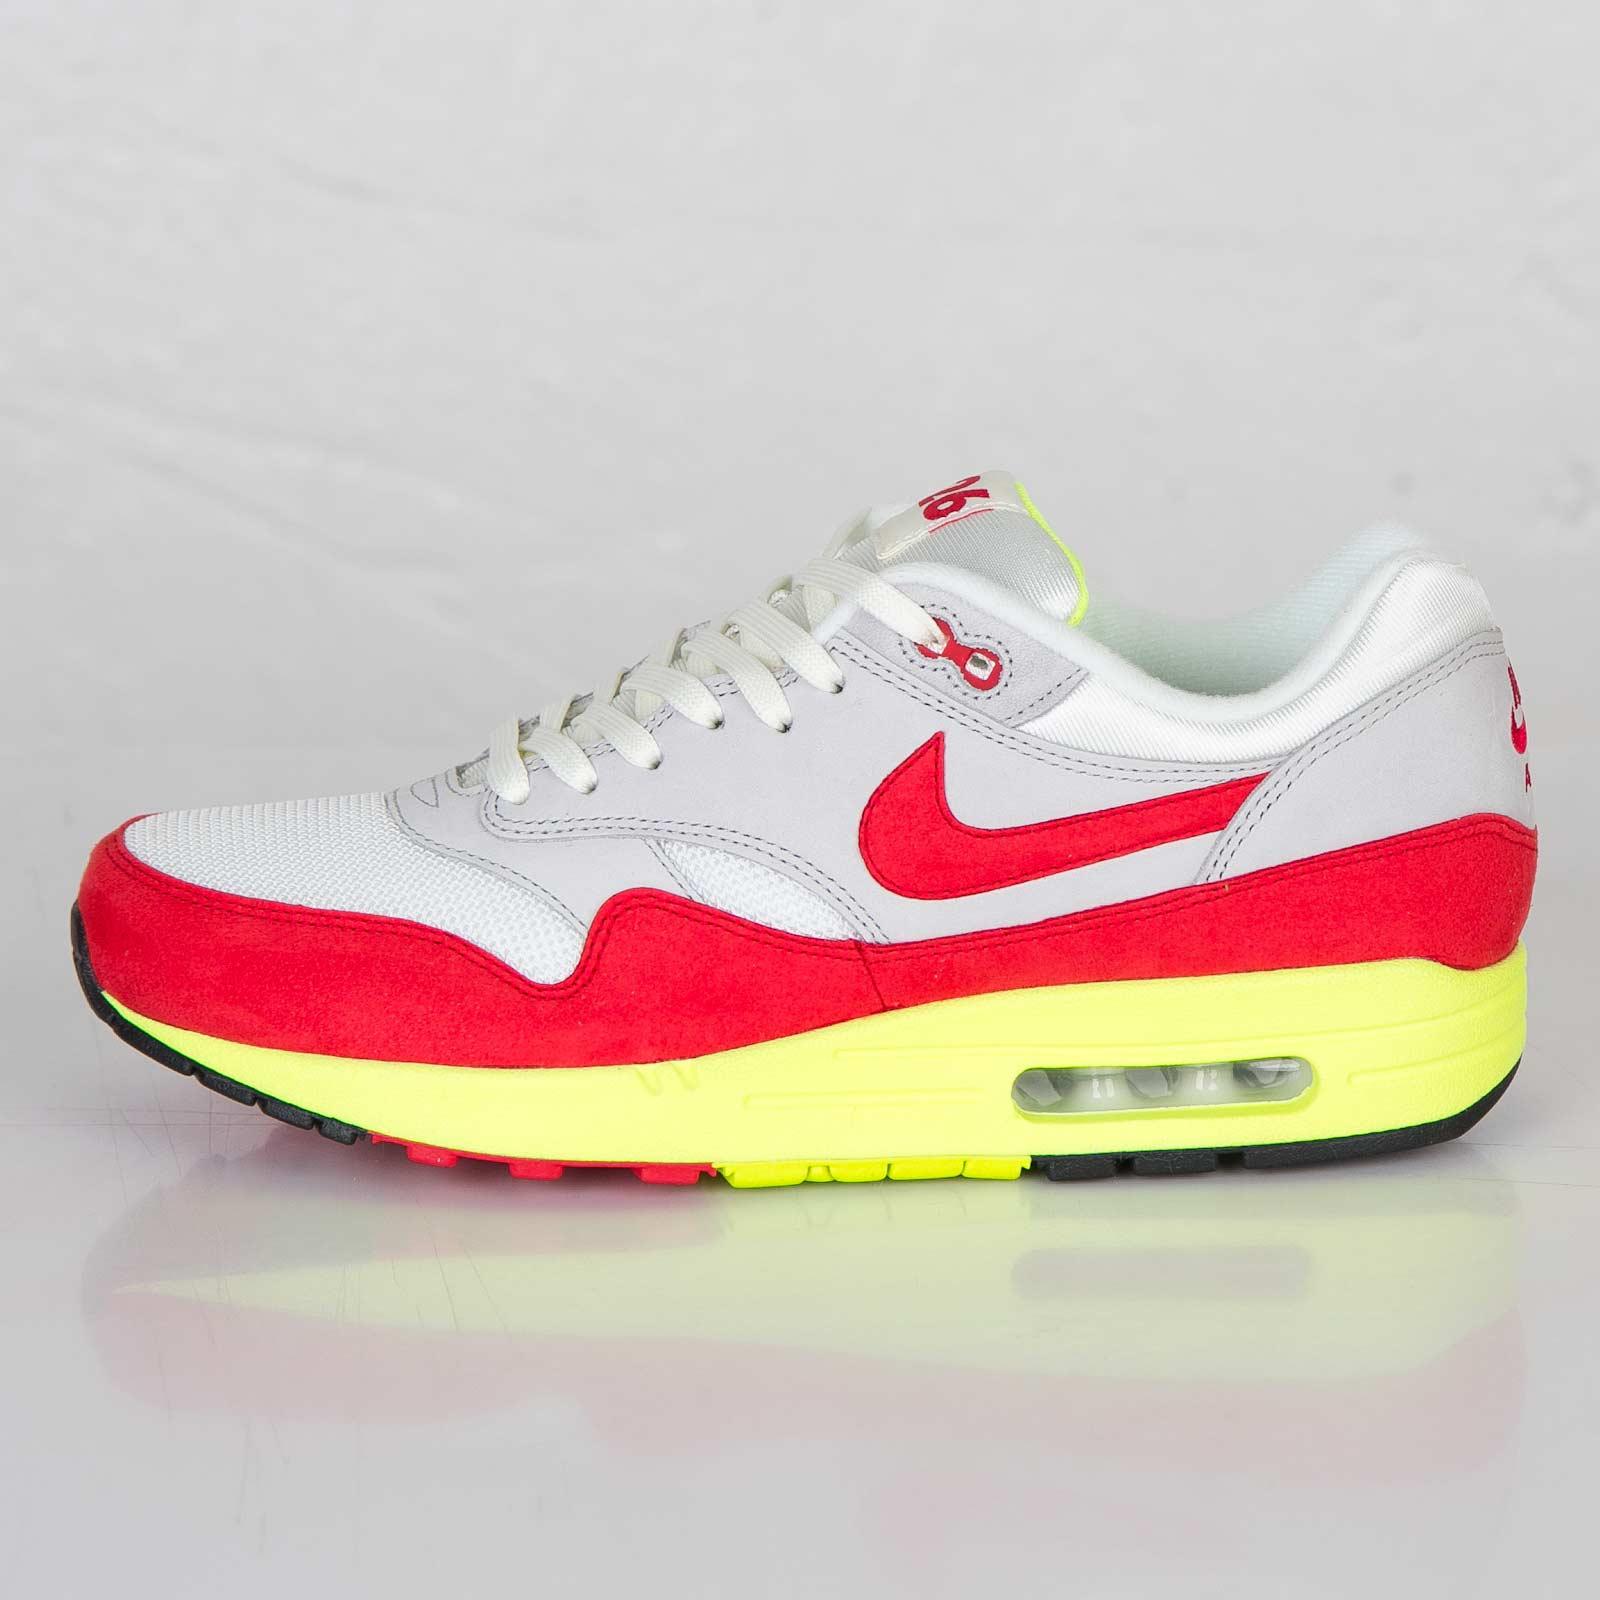 601aa461bb Nike Air Max 1 Premium QS - 665873-106 - Sneakersnstuff | sneakers &  streetwear online since 1999